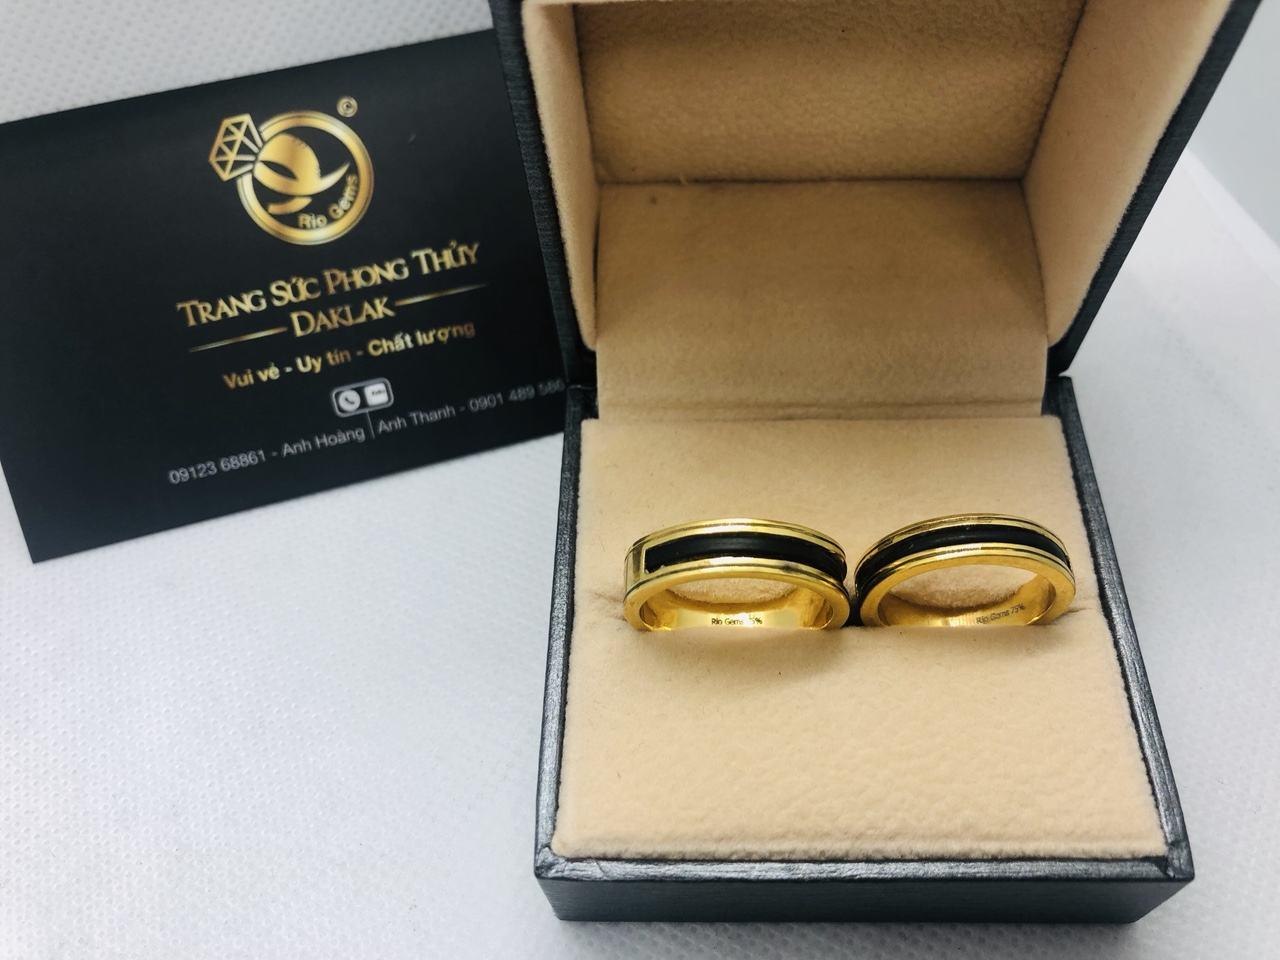 Kiểu nhẫn lông đuôi voi đẹp 2 viền khắc vàng 18K